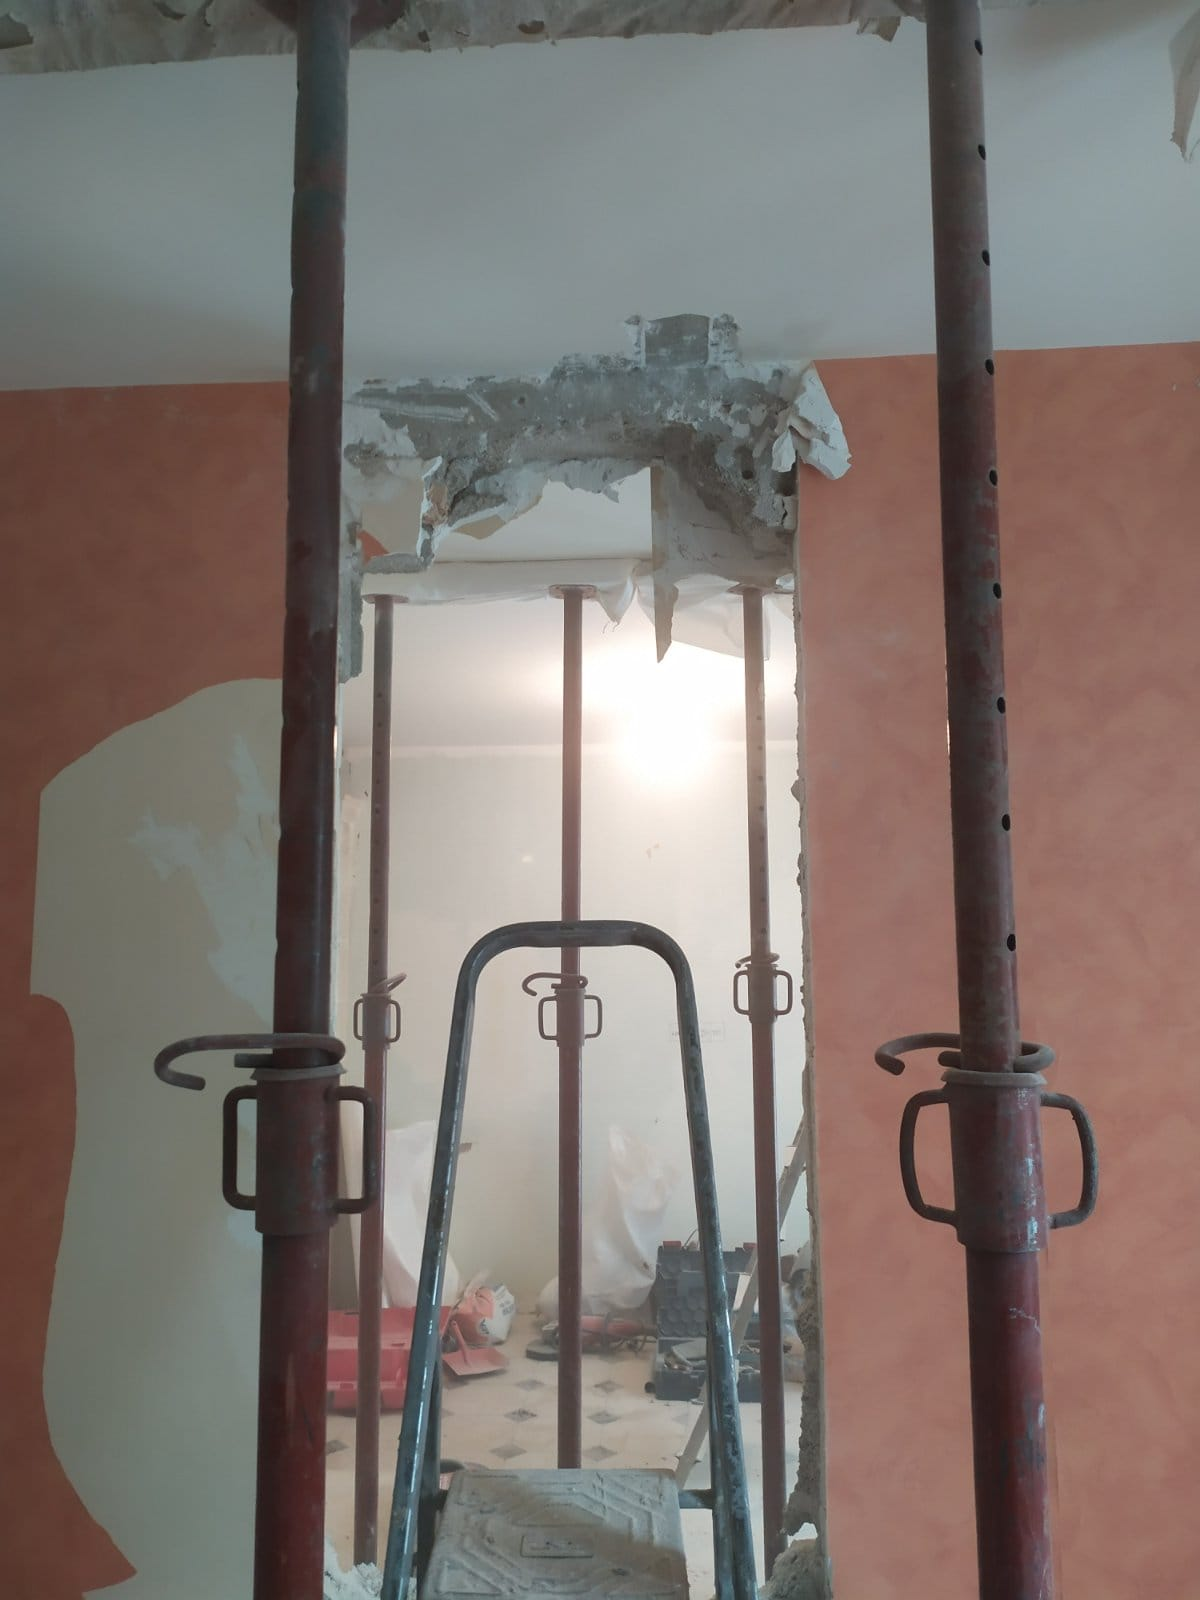 Création d'ouverture dans un mur porteur en parpaing à Nanterre. Renforcement par poteaux et poutre métallique. - Murs porteurs